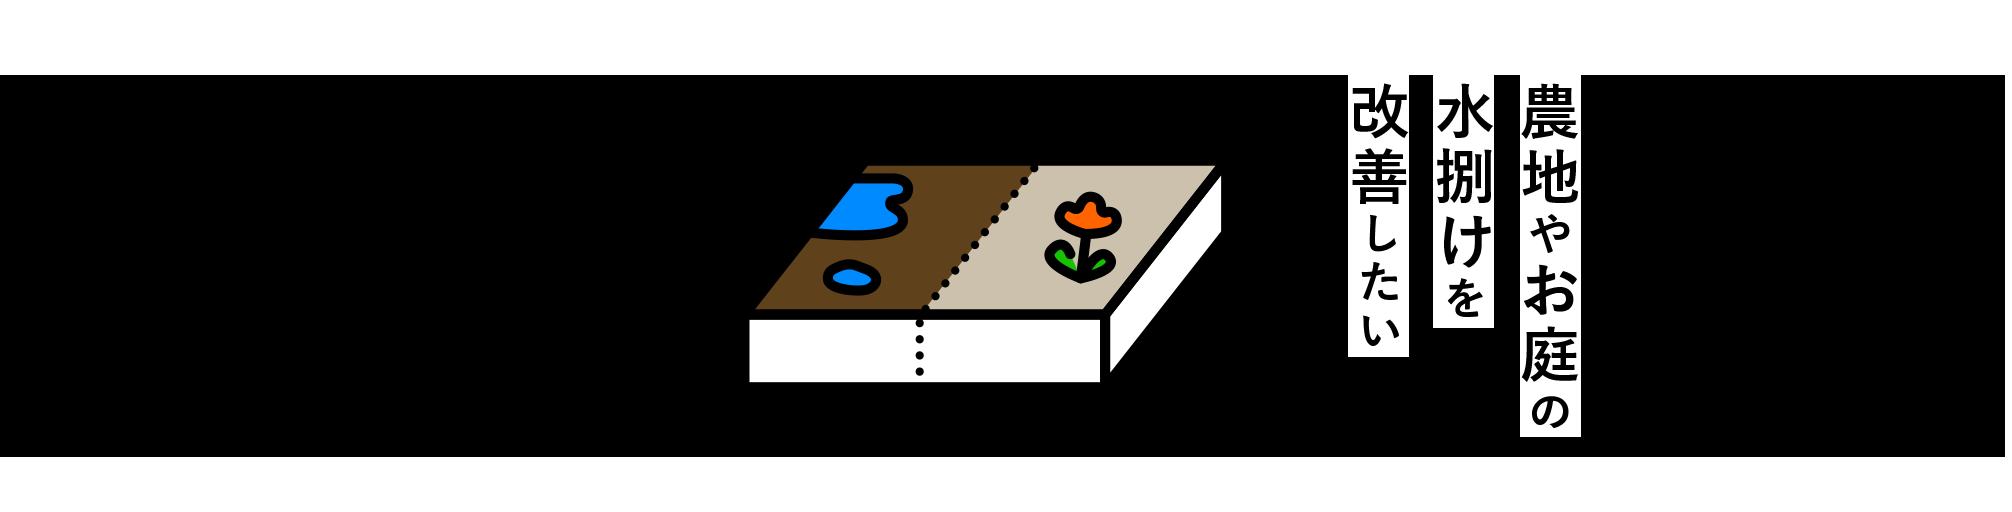 暗渠排水工事 農地やお庭の水捌けを改善したい